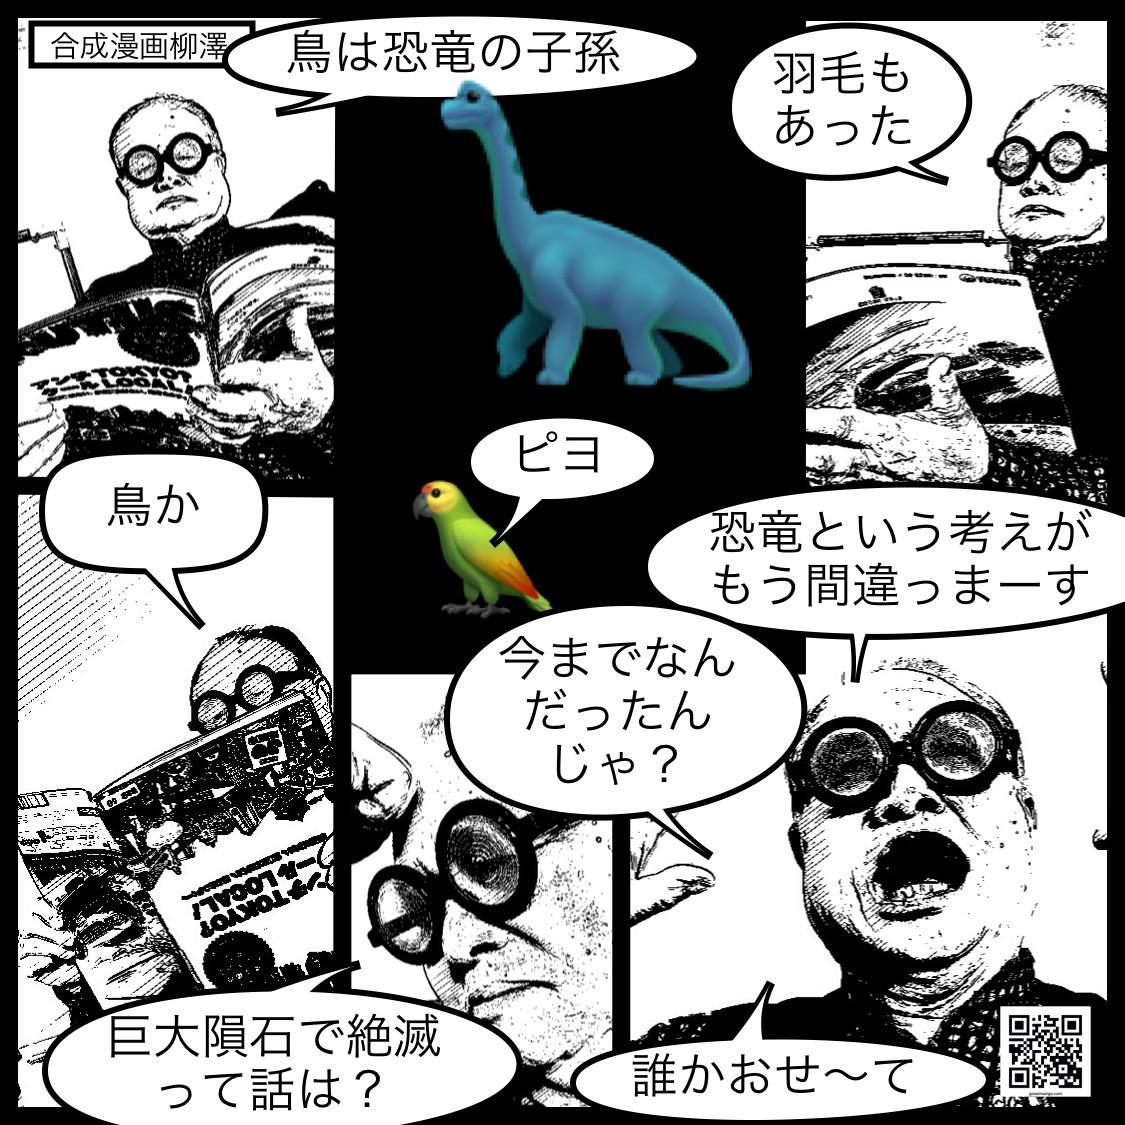 恐竜はいなかった